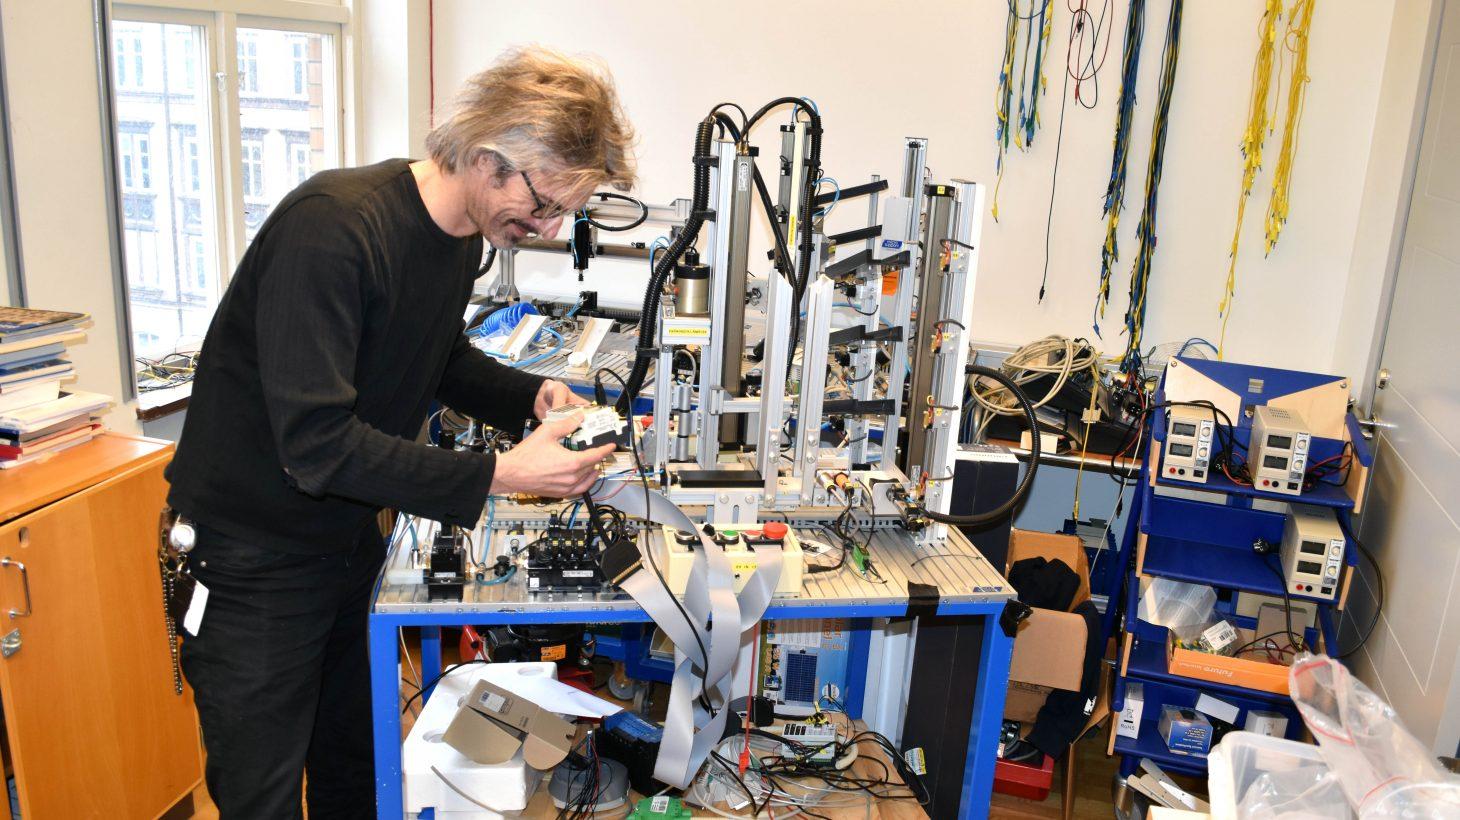 Tekniklärare kopplar i rum fullt av teknikmaterial.